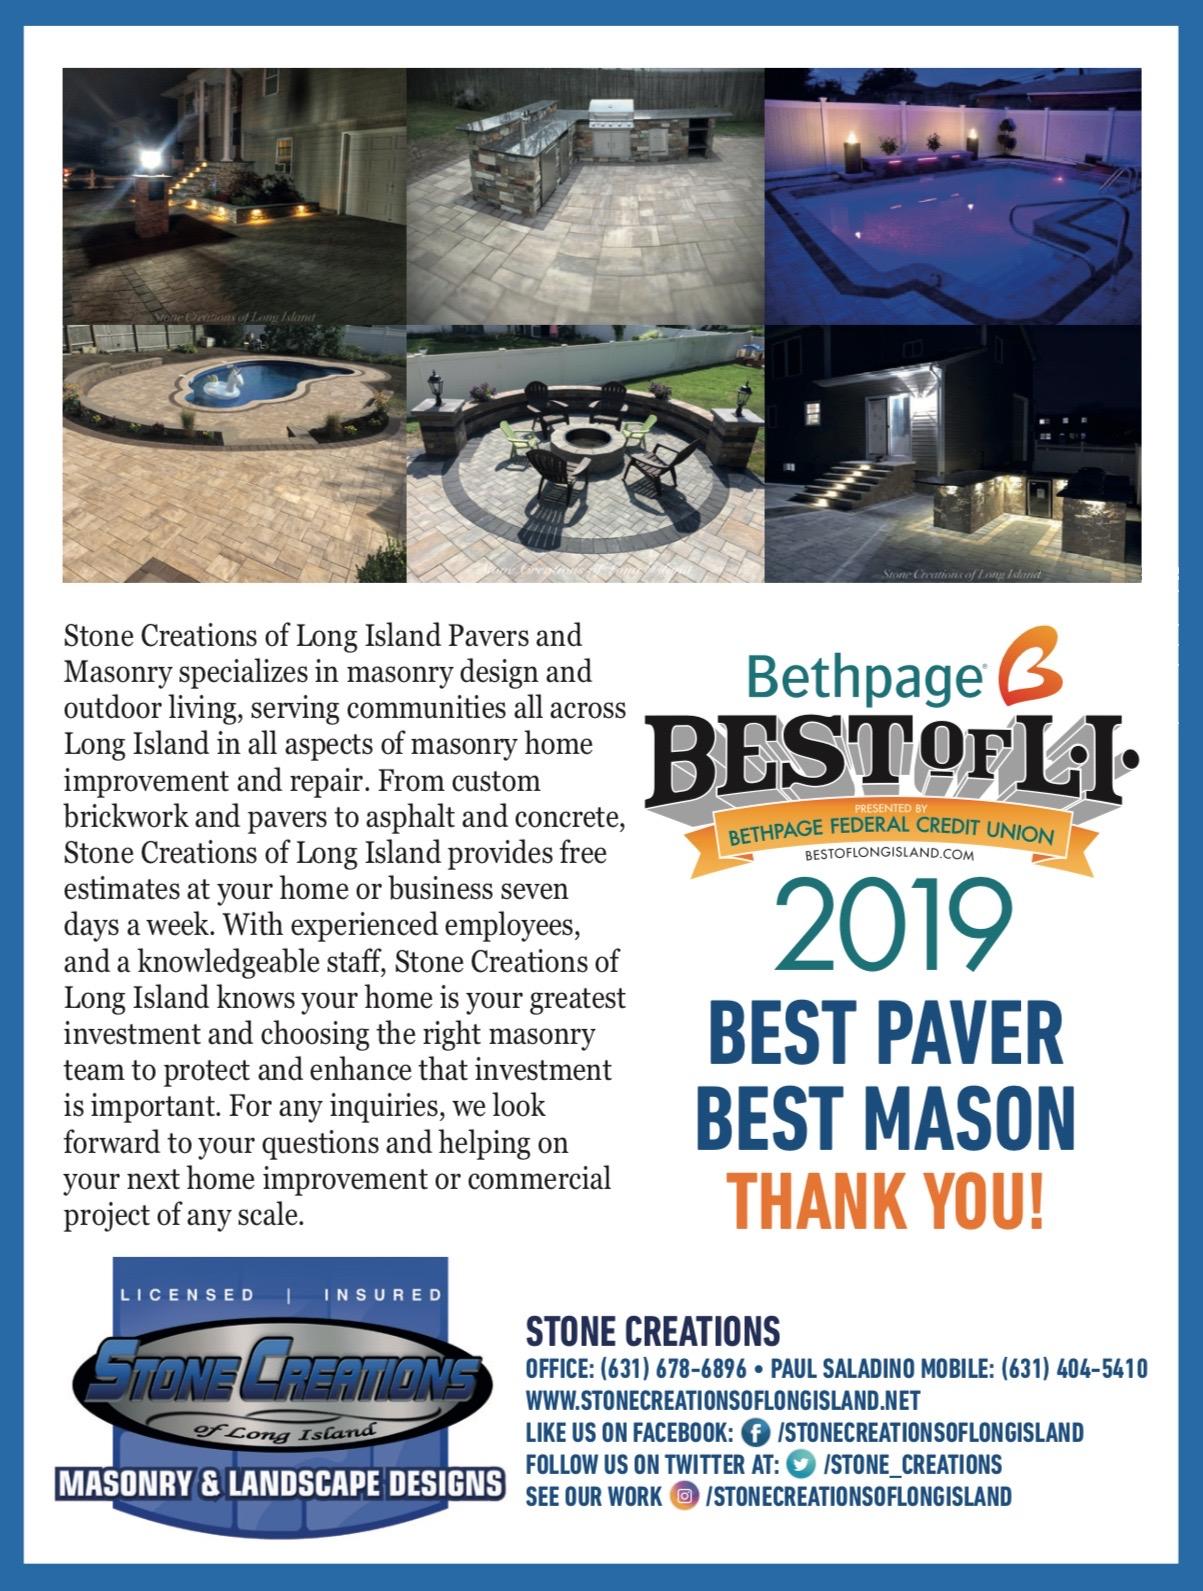 Best of Long Island 2019